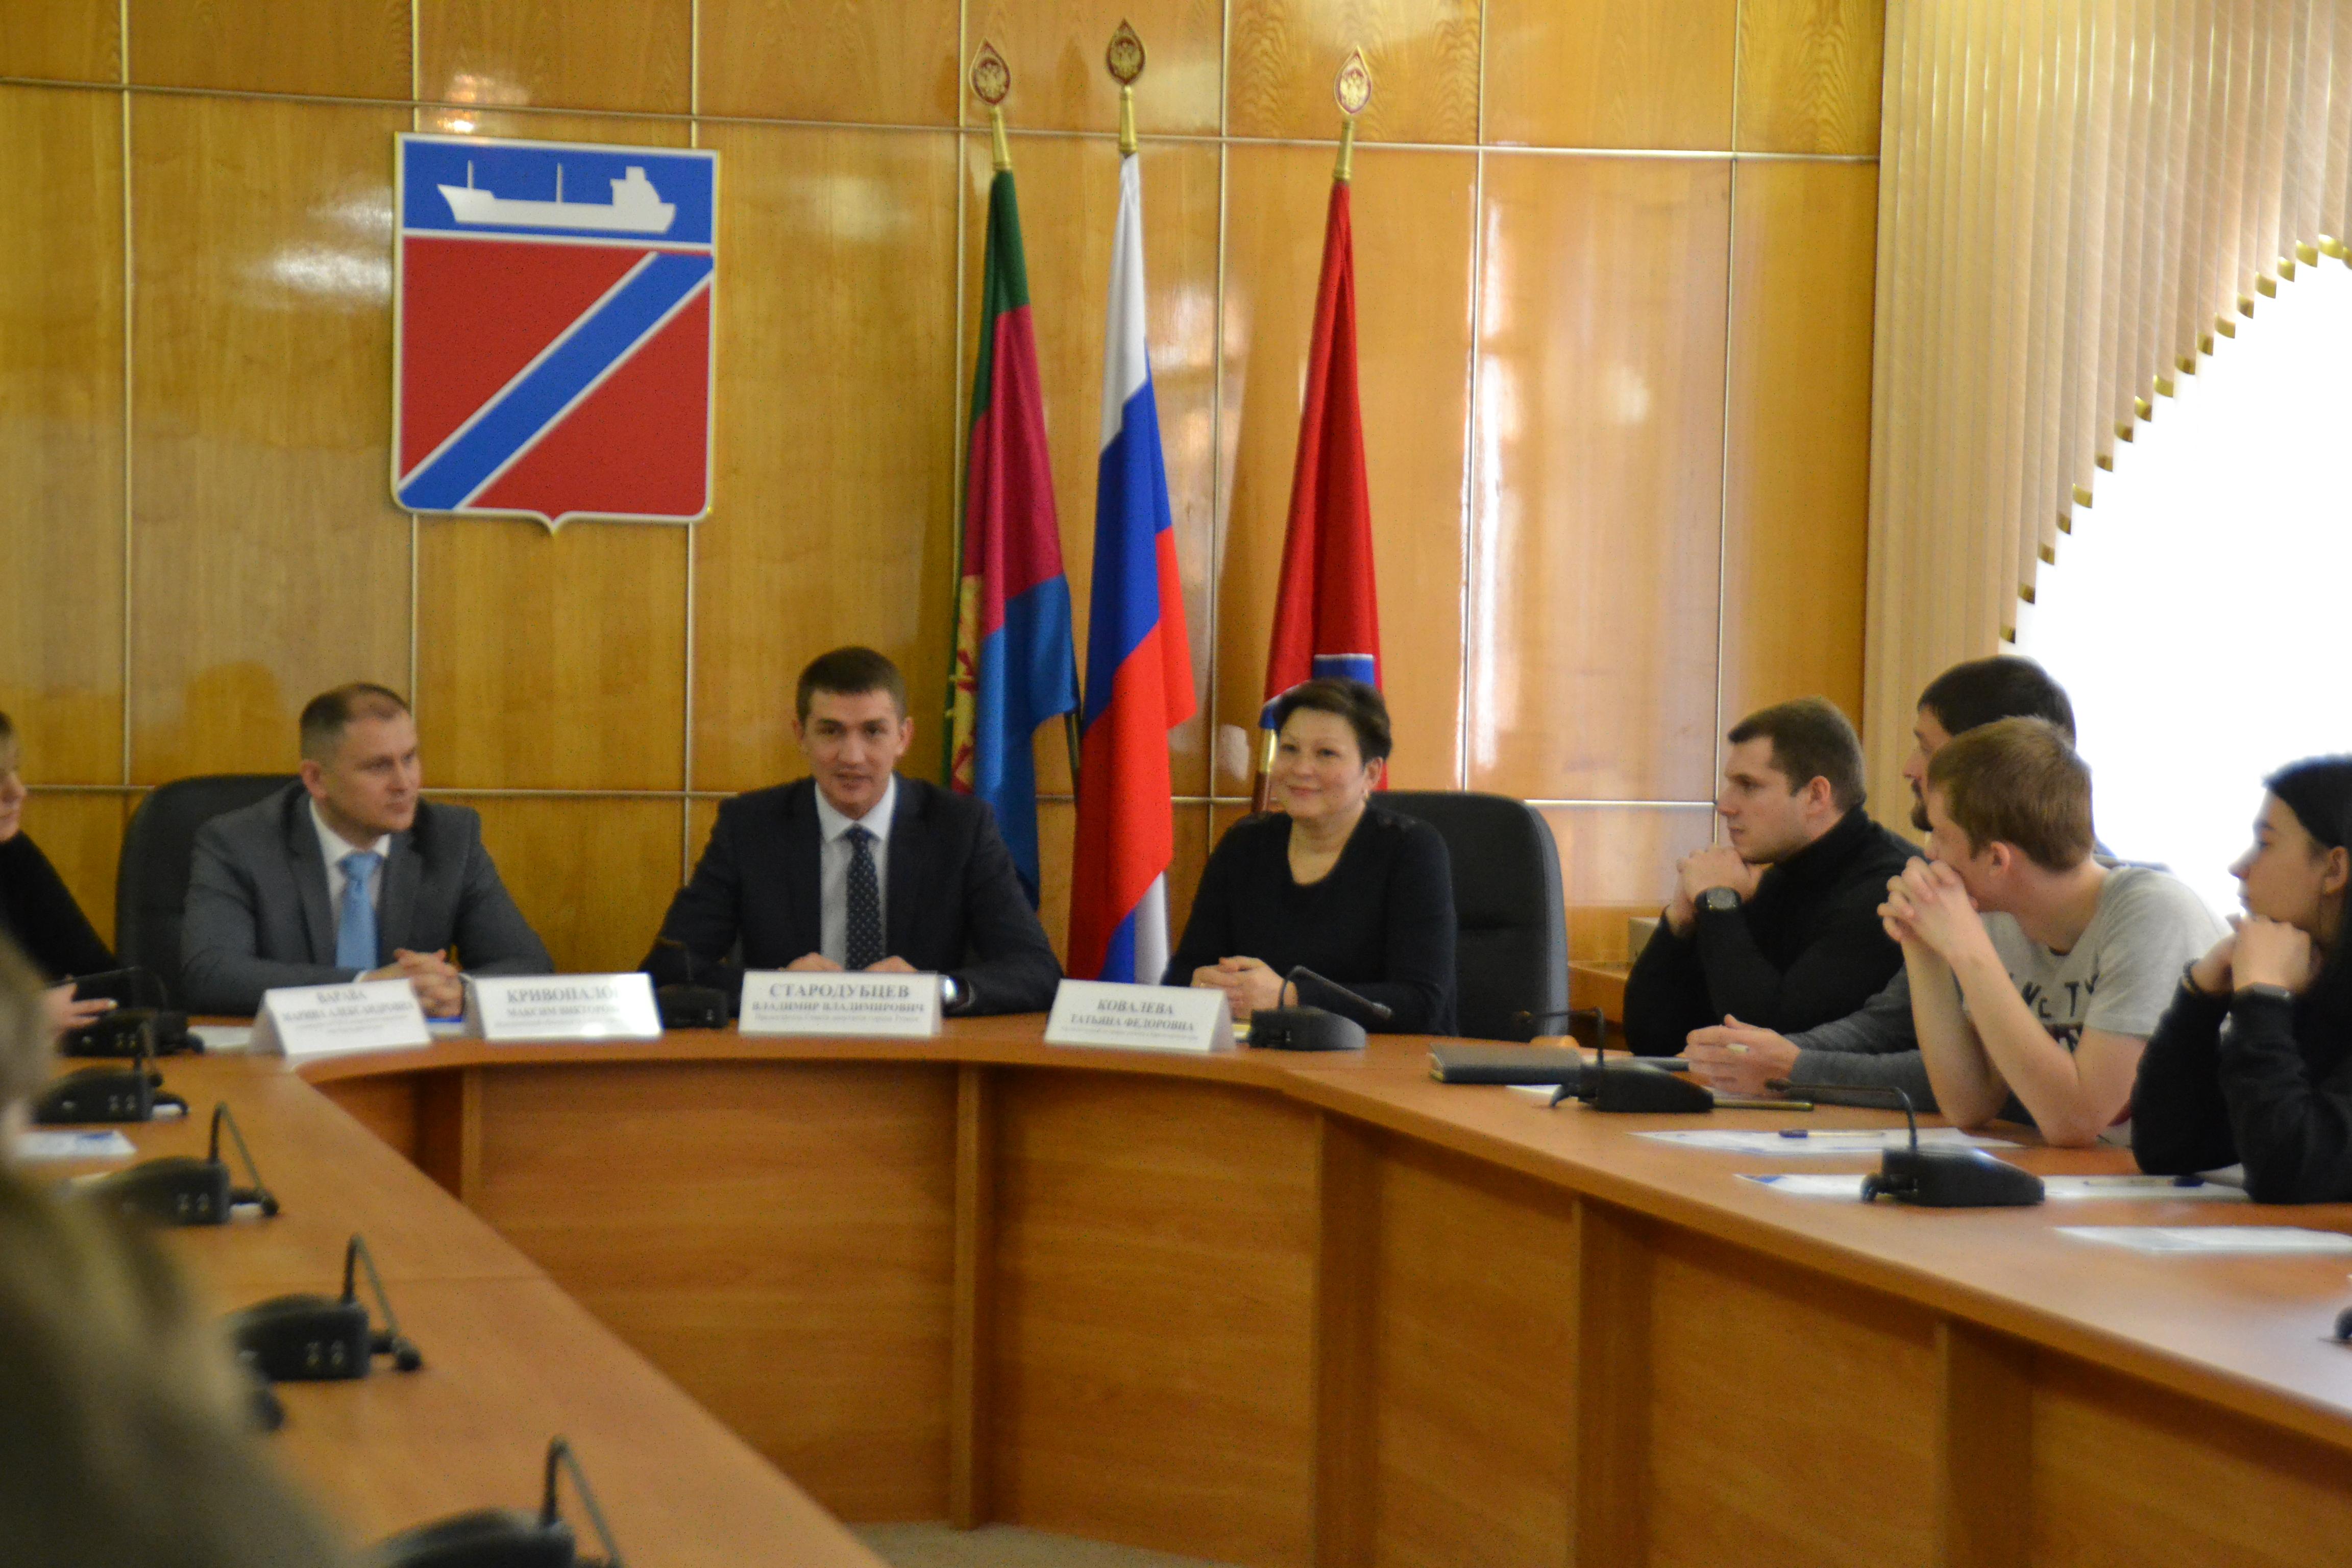 Уполномоченный по правам ребенка в Краснодарском крае Татьяна Ковалева провела «Семейный диктант» в Туапсе